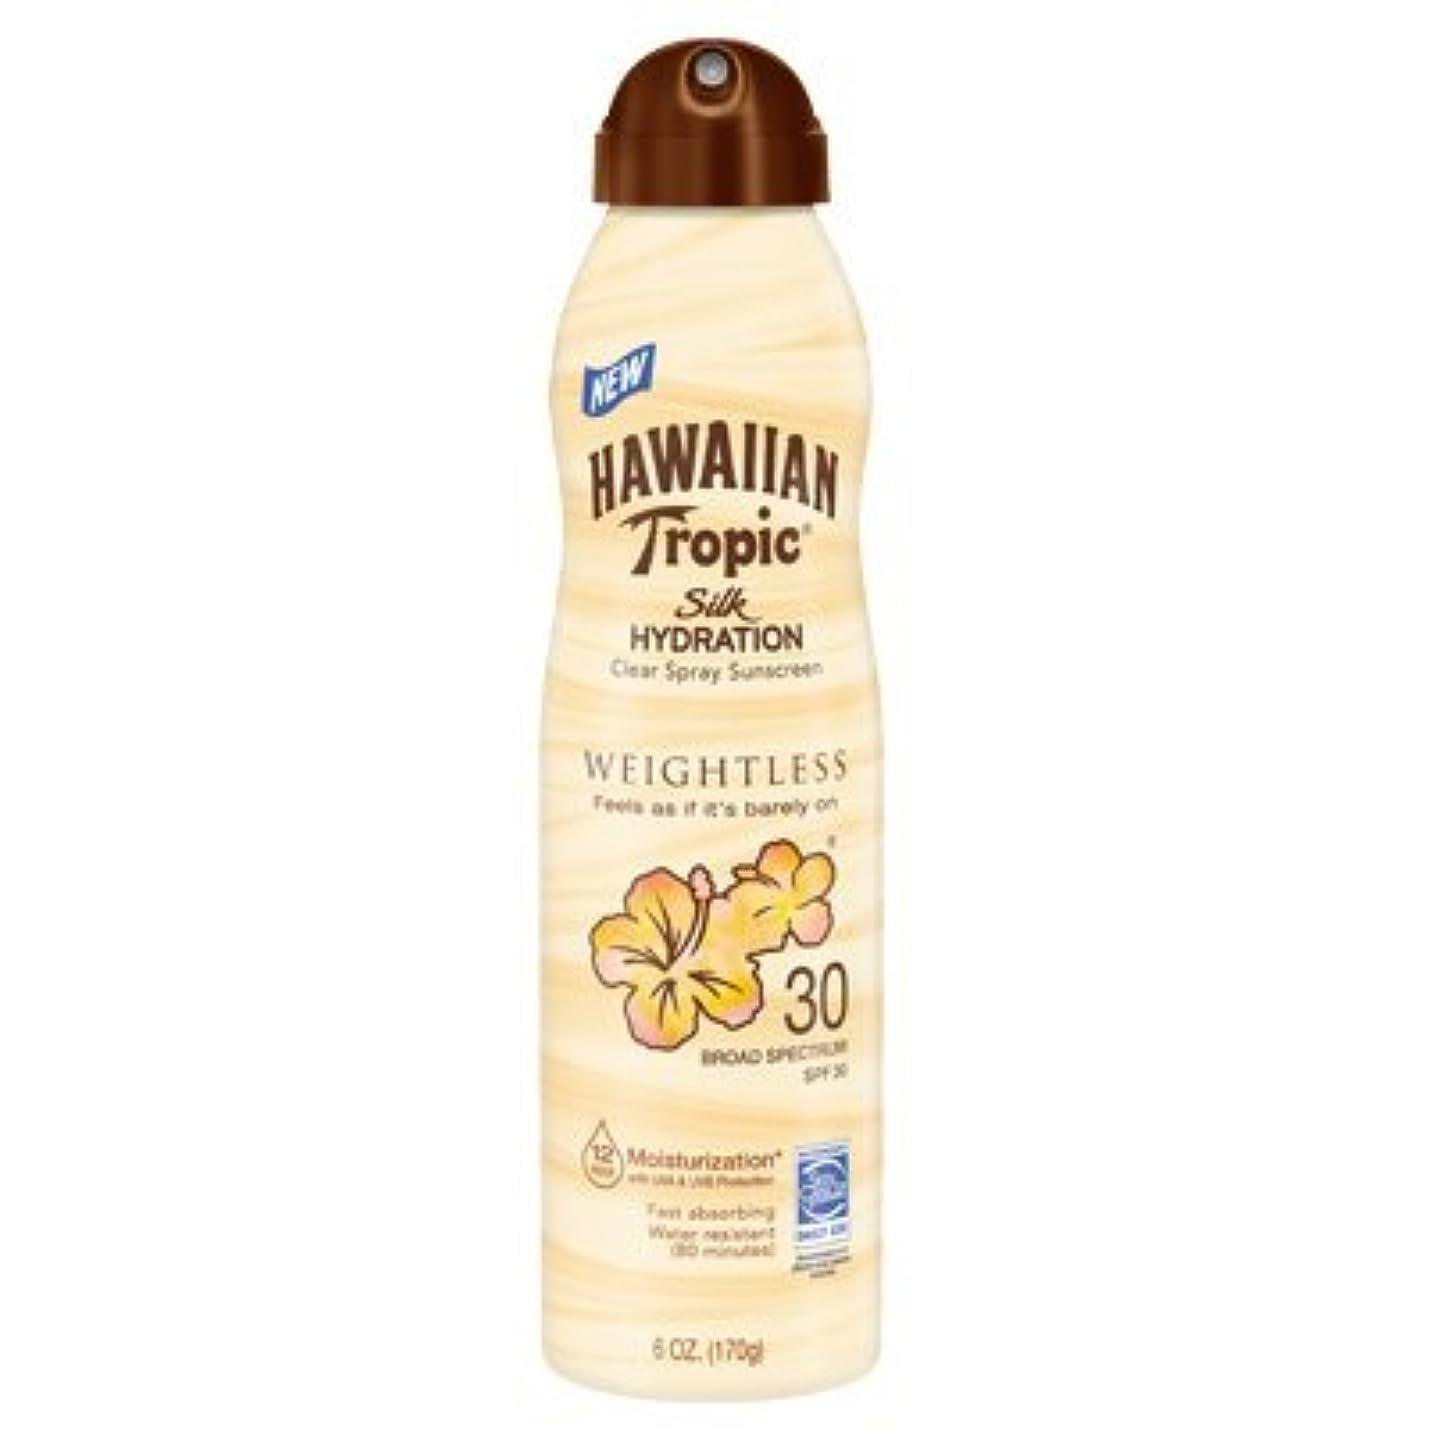 たまに倒錯定義する【海外直送】ハワイアントロピック 12時間持続 日焼け止めミスト SPF30 (177ml) Hawaiian Tropic Silk Hydration Clear Mist Spray Sunscreen SPF 30...